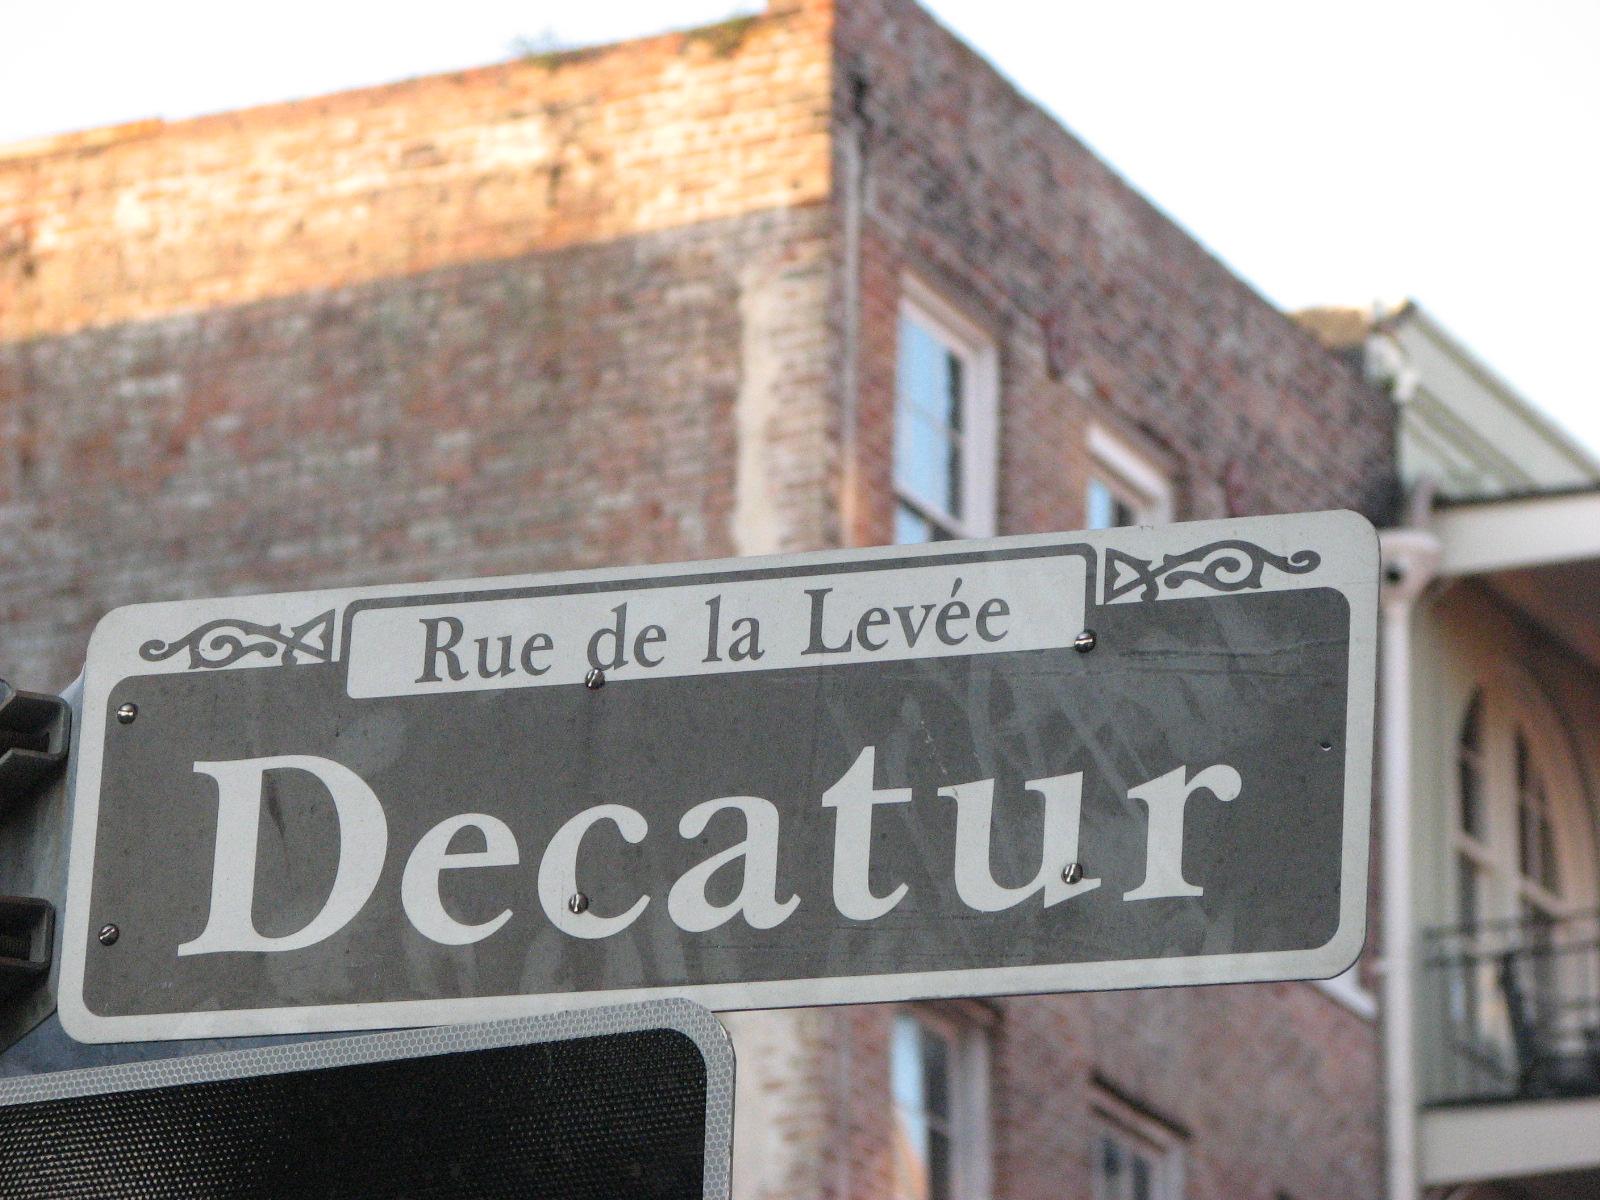 Rue de la levee.JPG